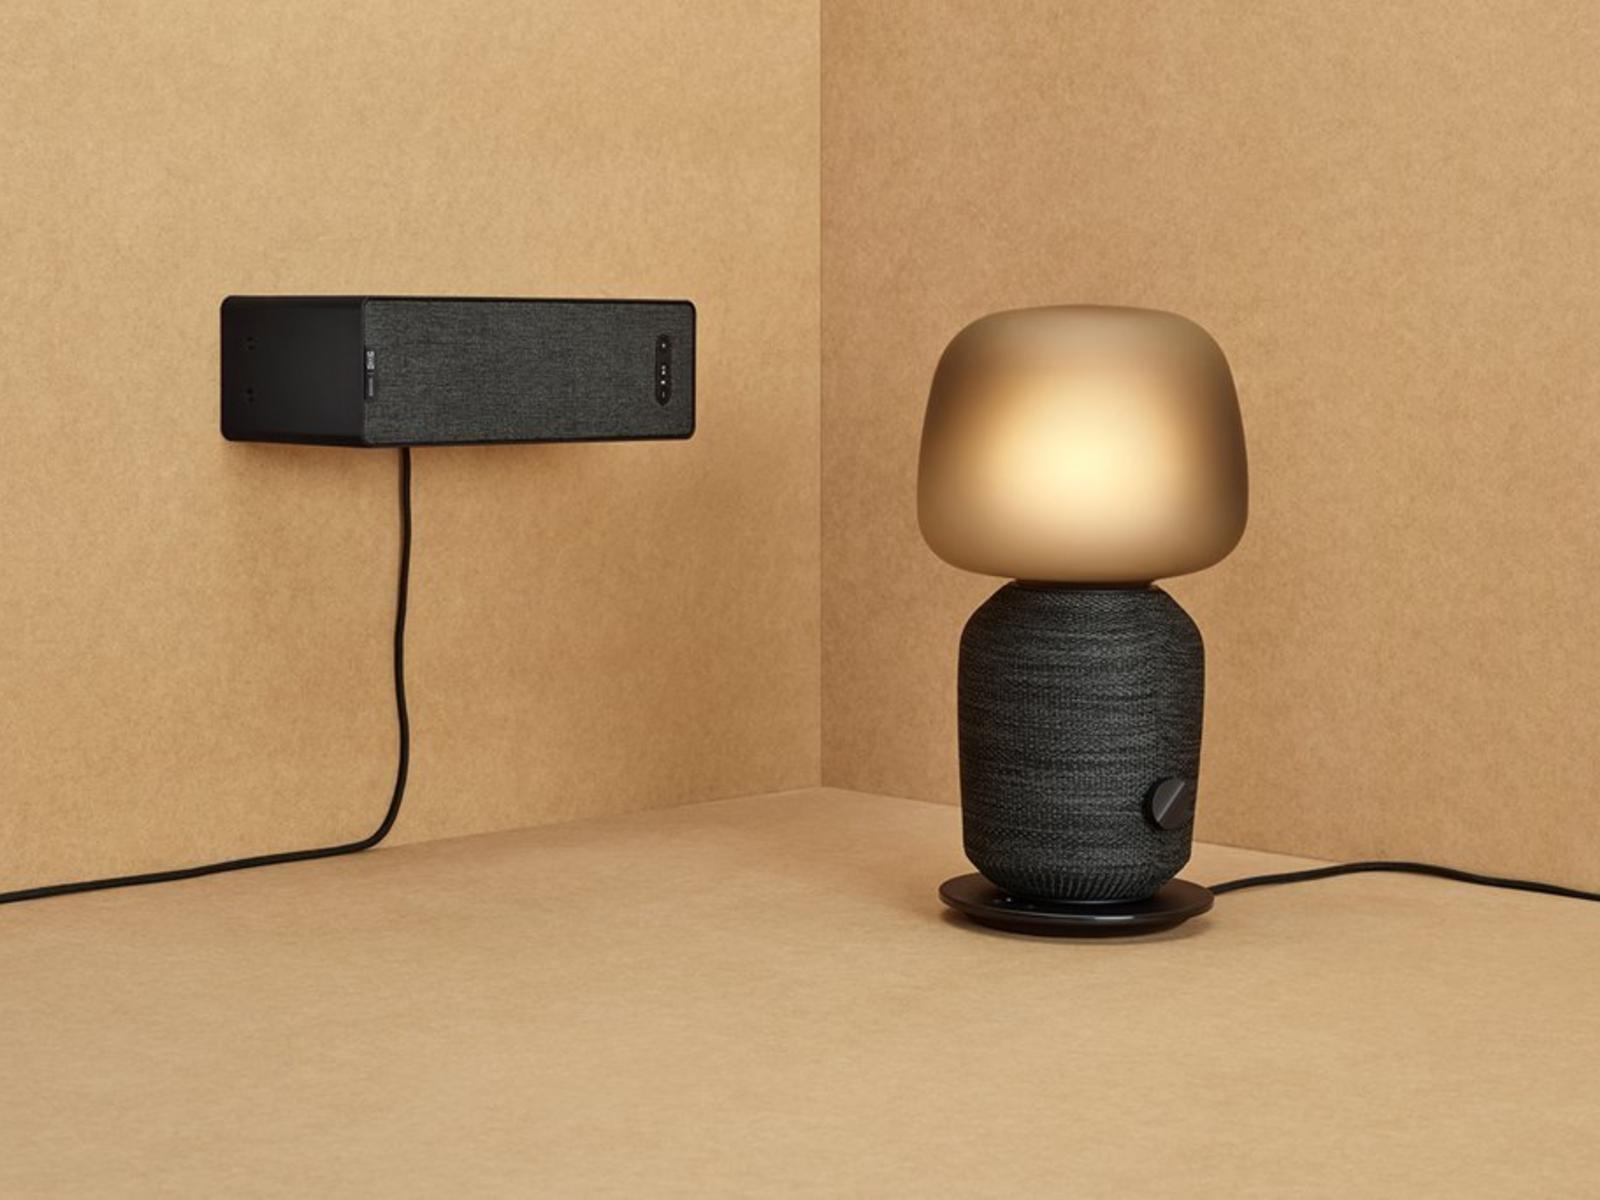 Full Size of Ikea Lampen Symfonisk Und Sonos Smarter Lautsprecher Oder Lampe Betten 160x200 Deckenlampen Wohnzimmer Badezimmer Stehlampen Esstisch Schlafzimmer Küche Wohnzimmer Ikea Lampen